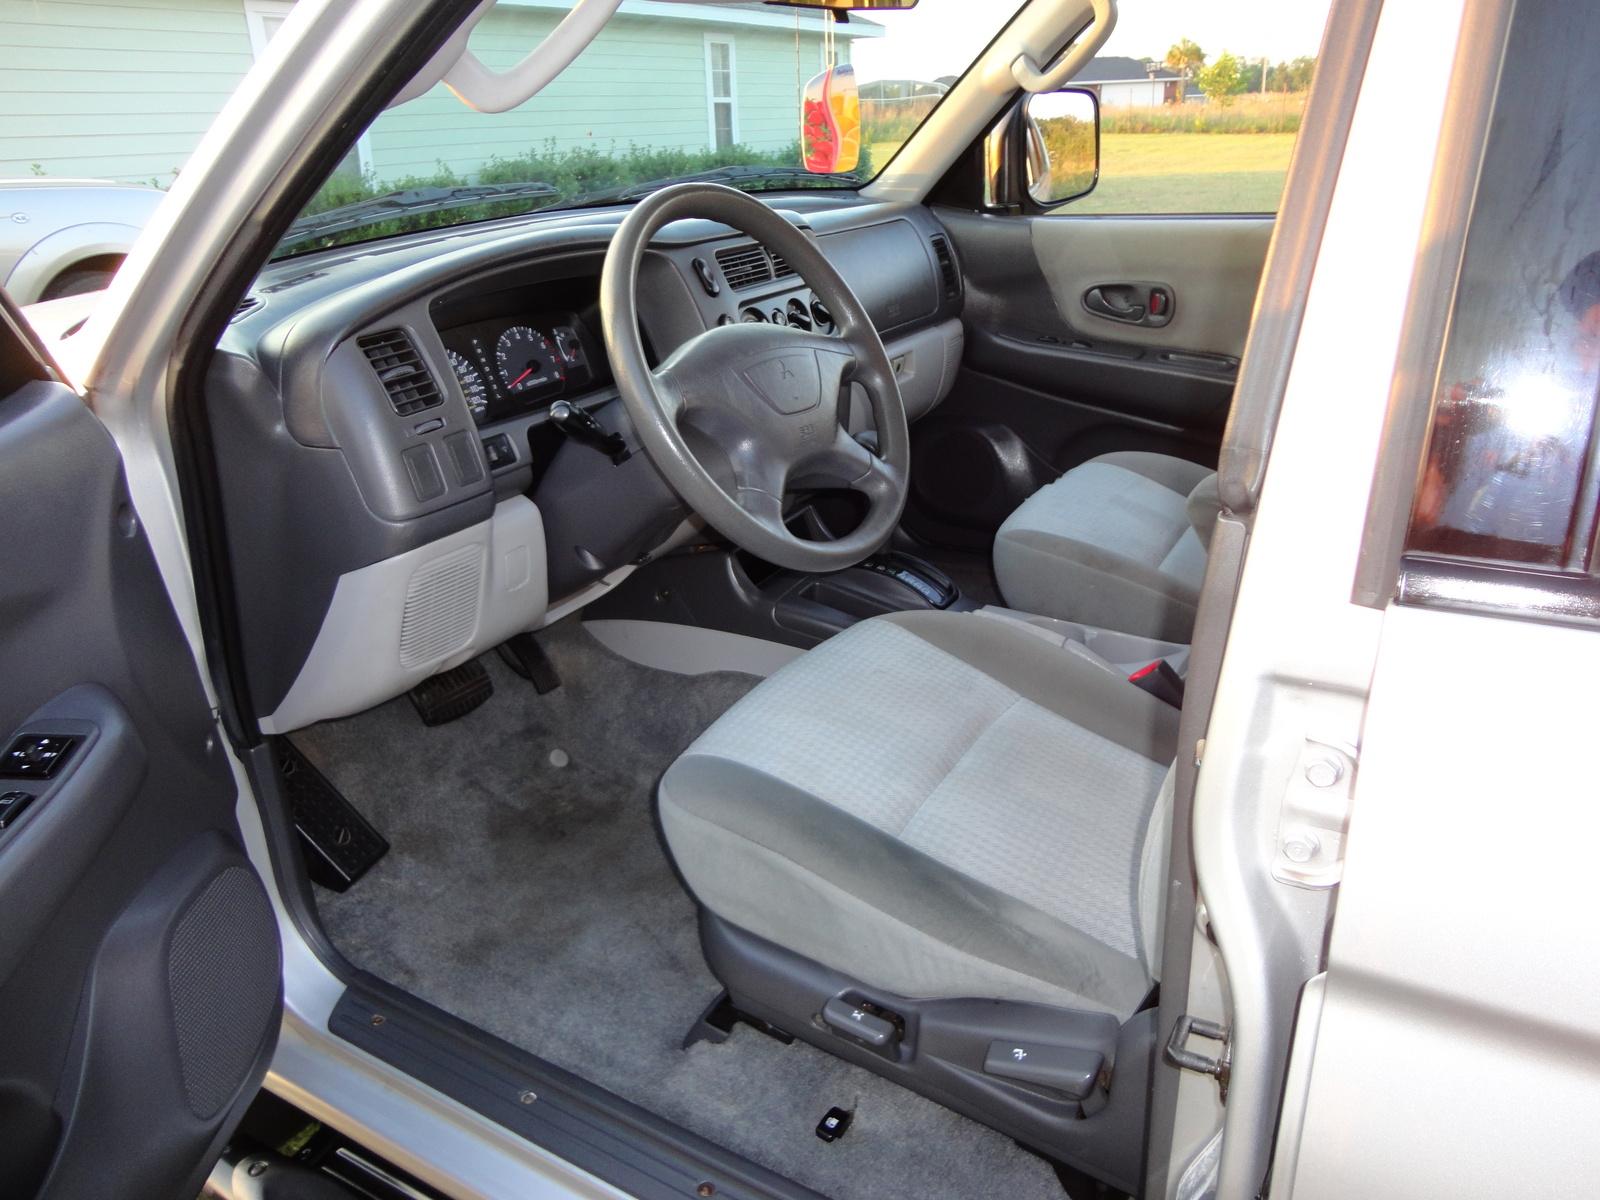 2002 mitsubishi montero sport interior car interior design for Mitsubishi montero interior